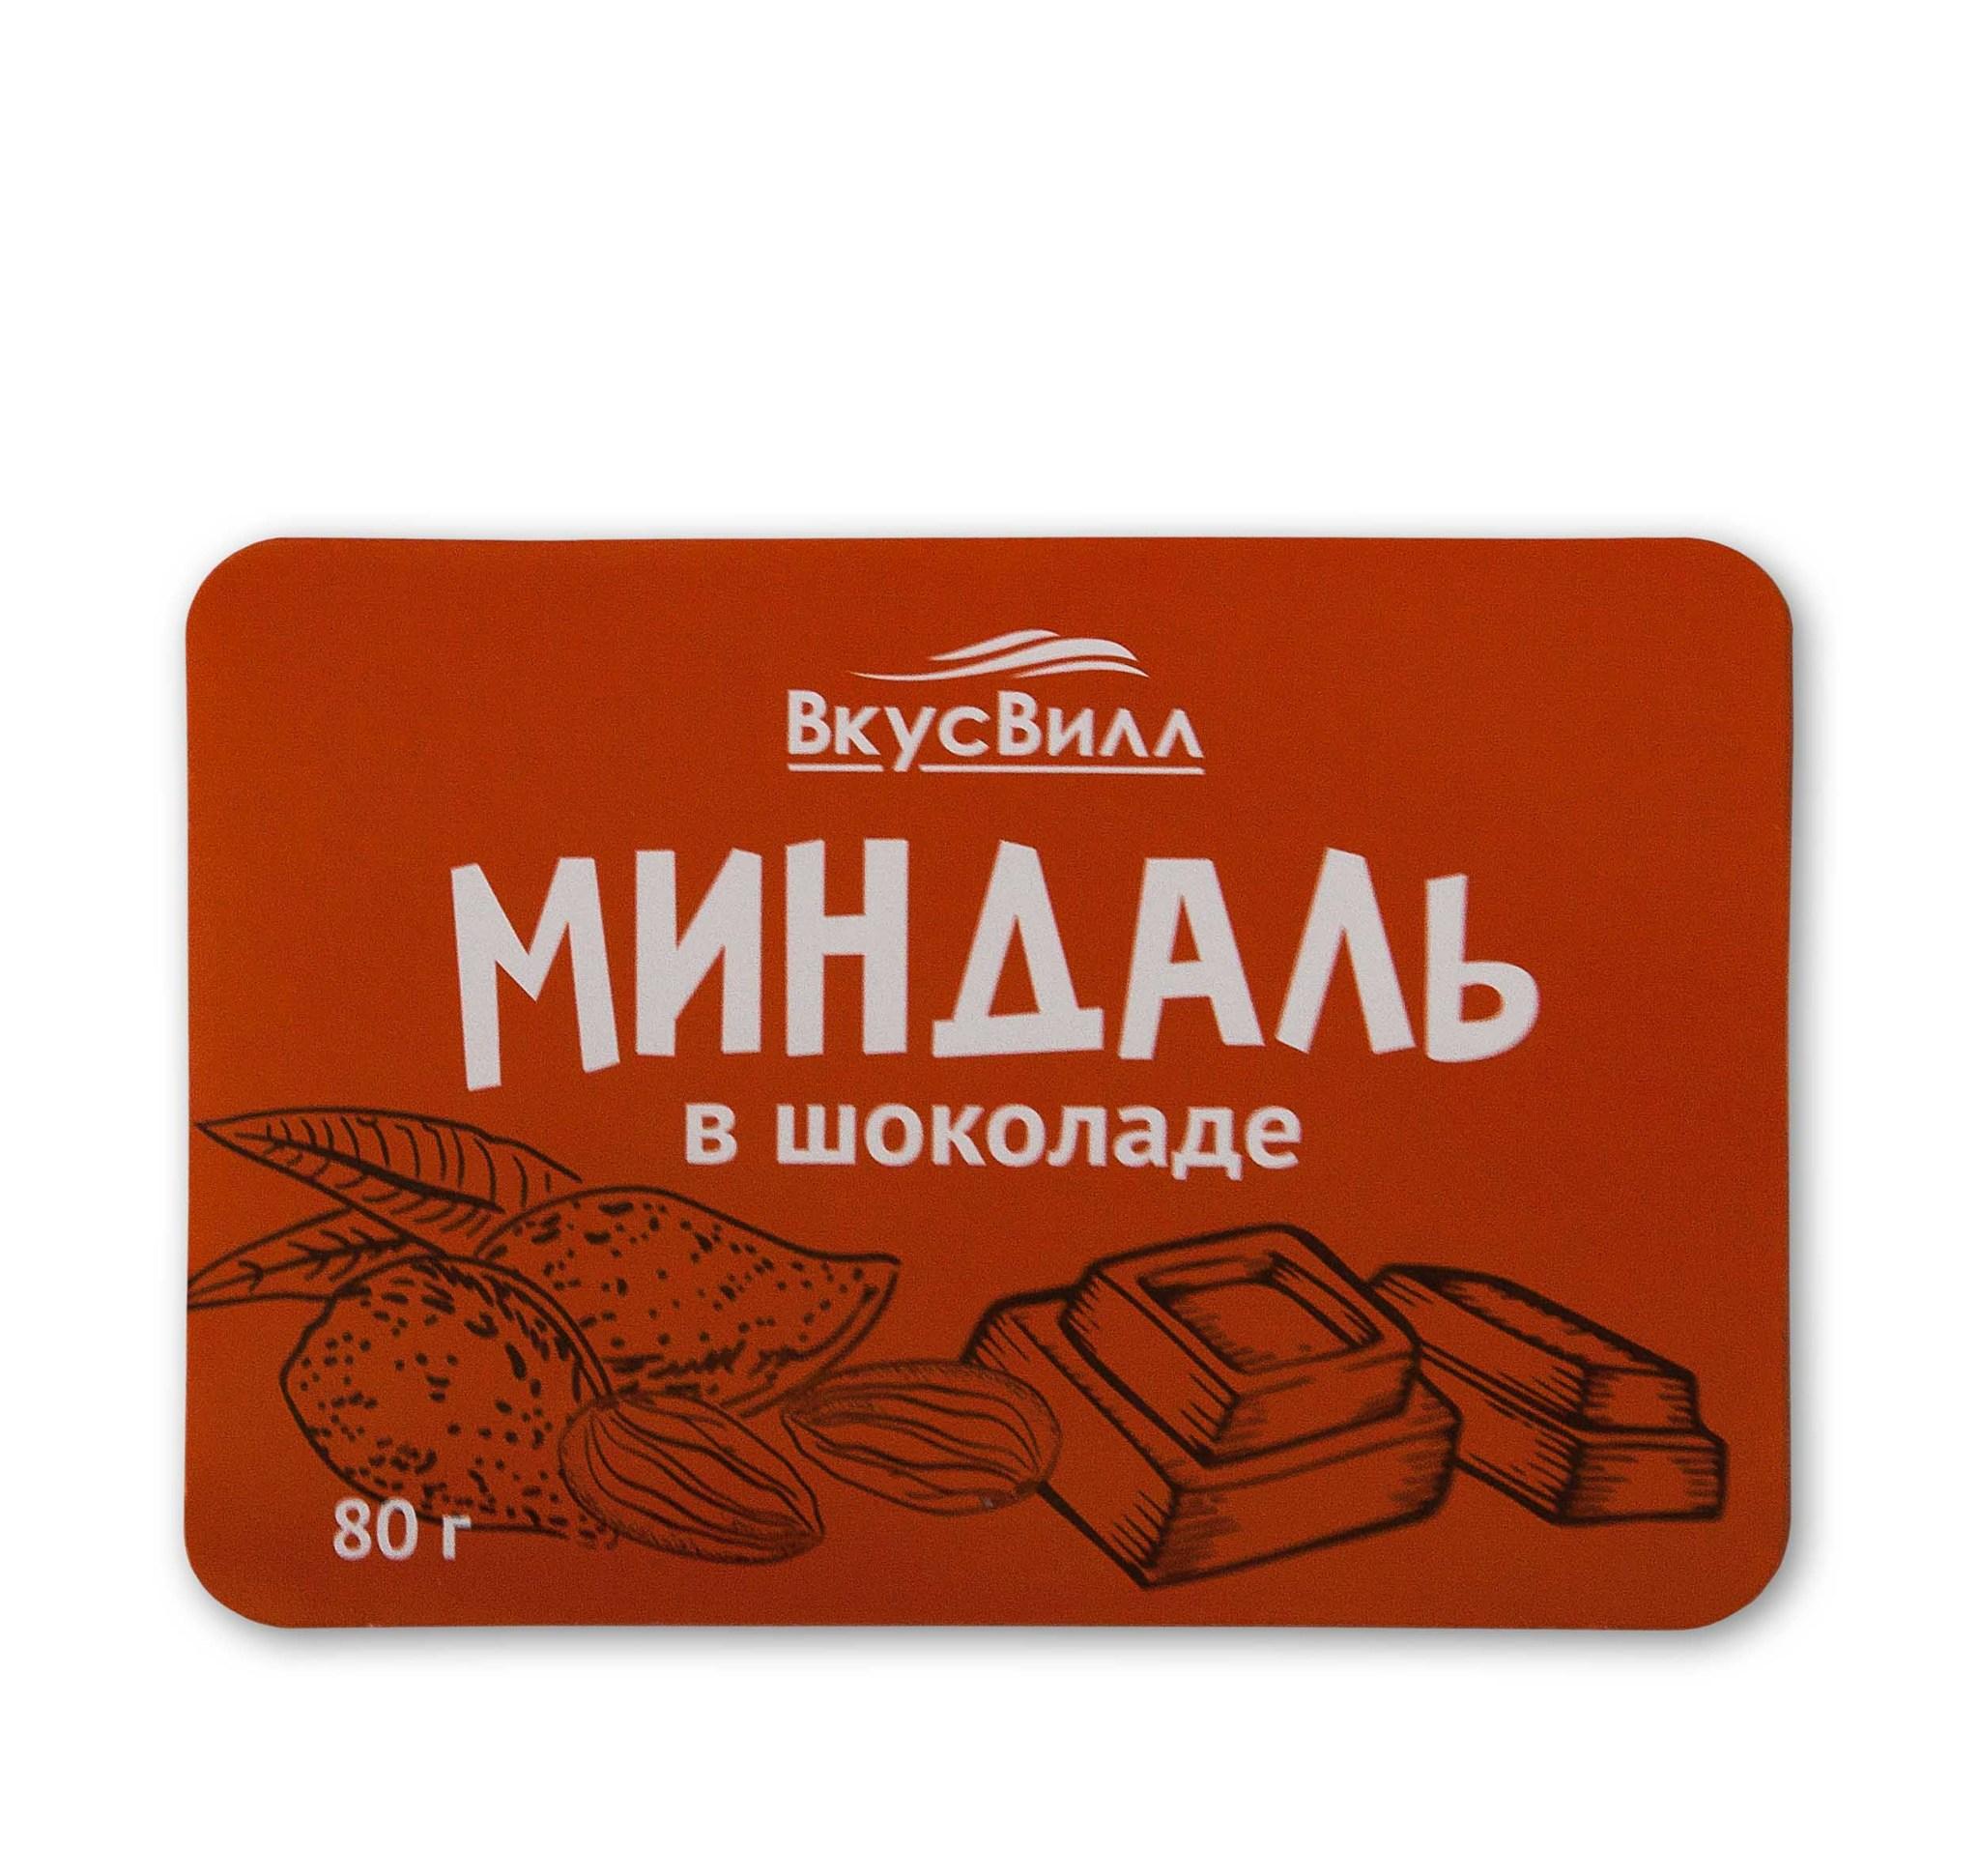 Наклейка бумажная для пищевой продукции